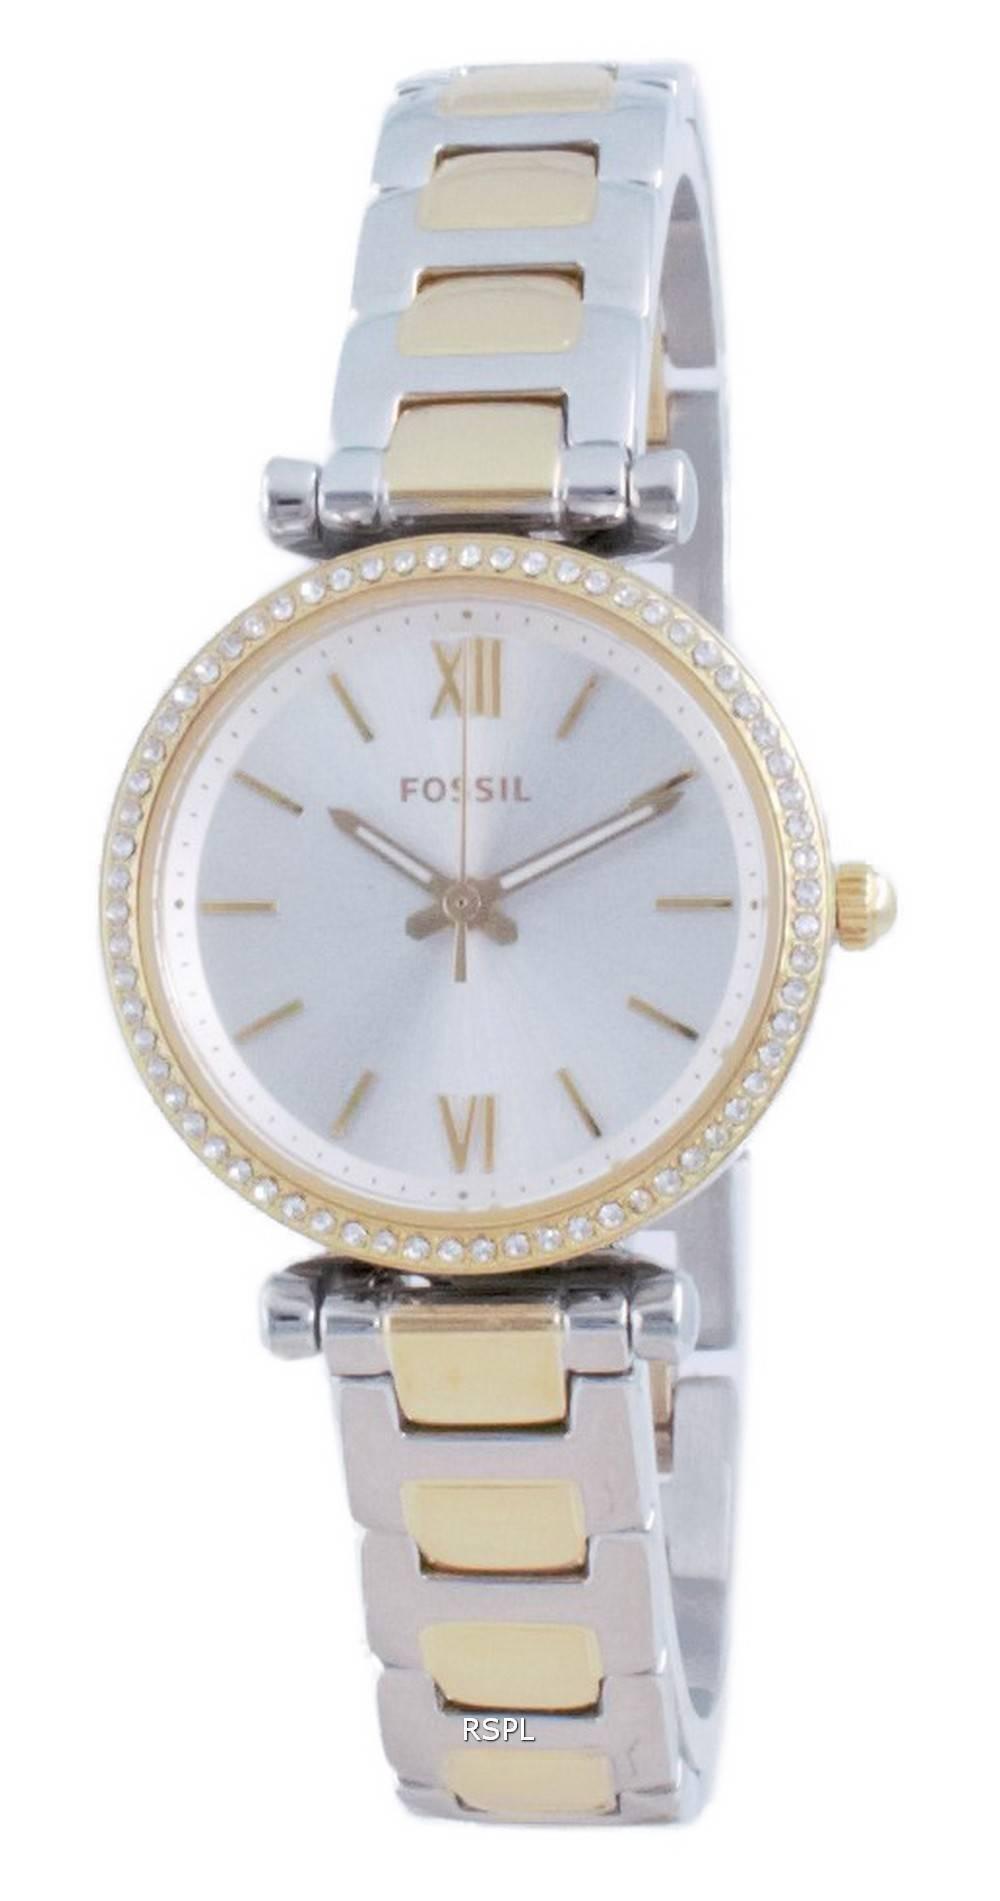 Fossil Carlie Mini Diamond aksentti kvartsi ES4955 naisten kello